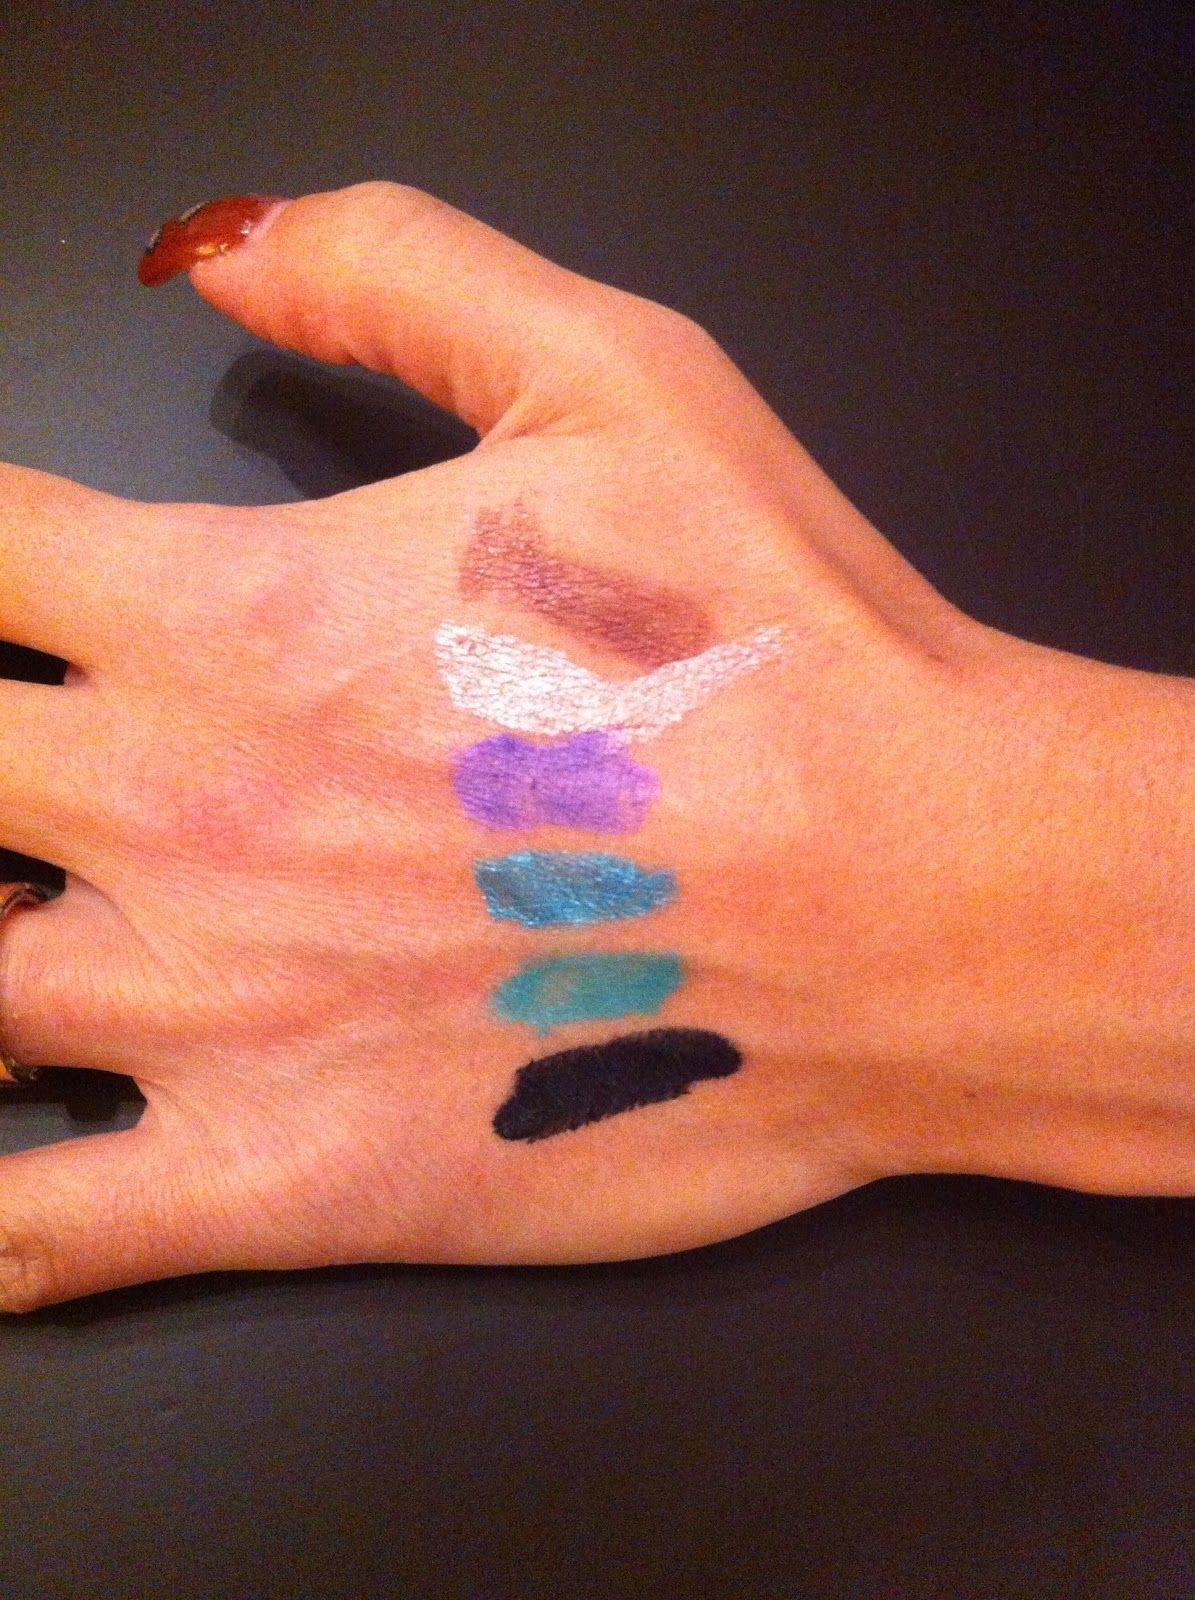 VOX MakeUp - Make Up, Cosmetici, Prove e Swatch di Trucchi Vari